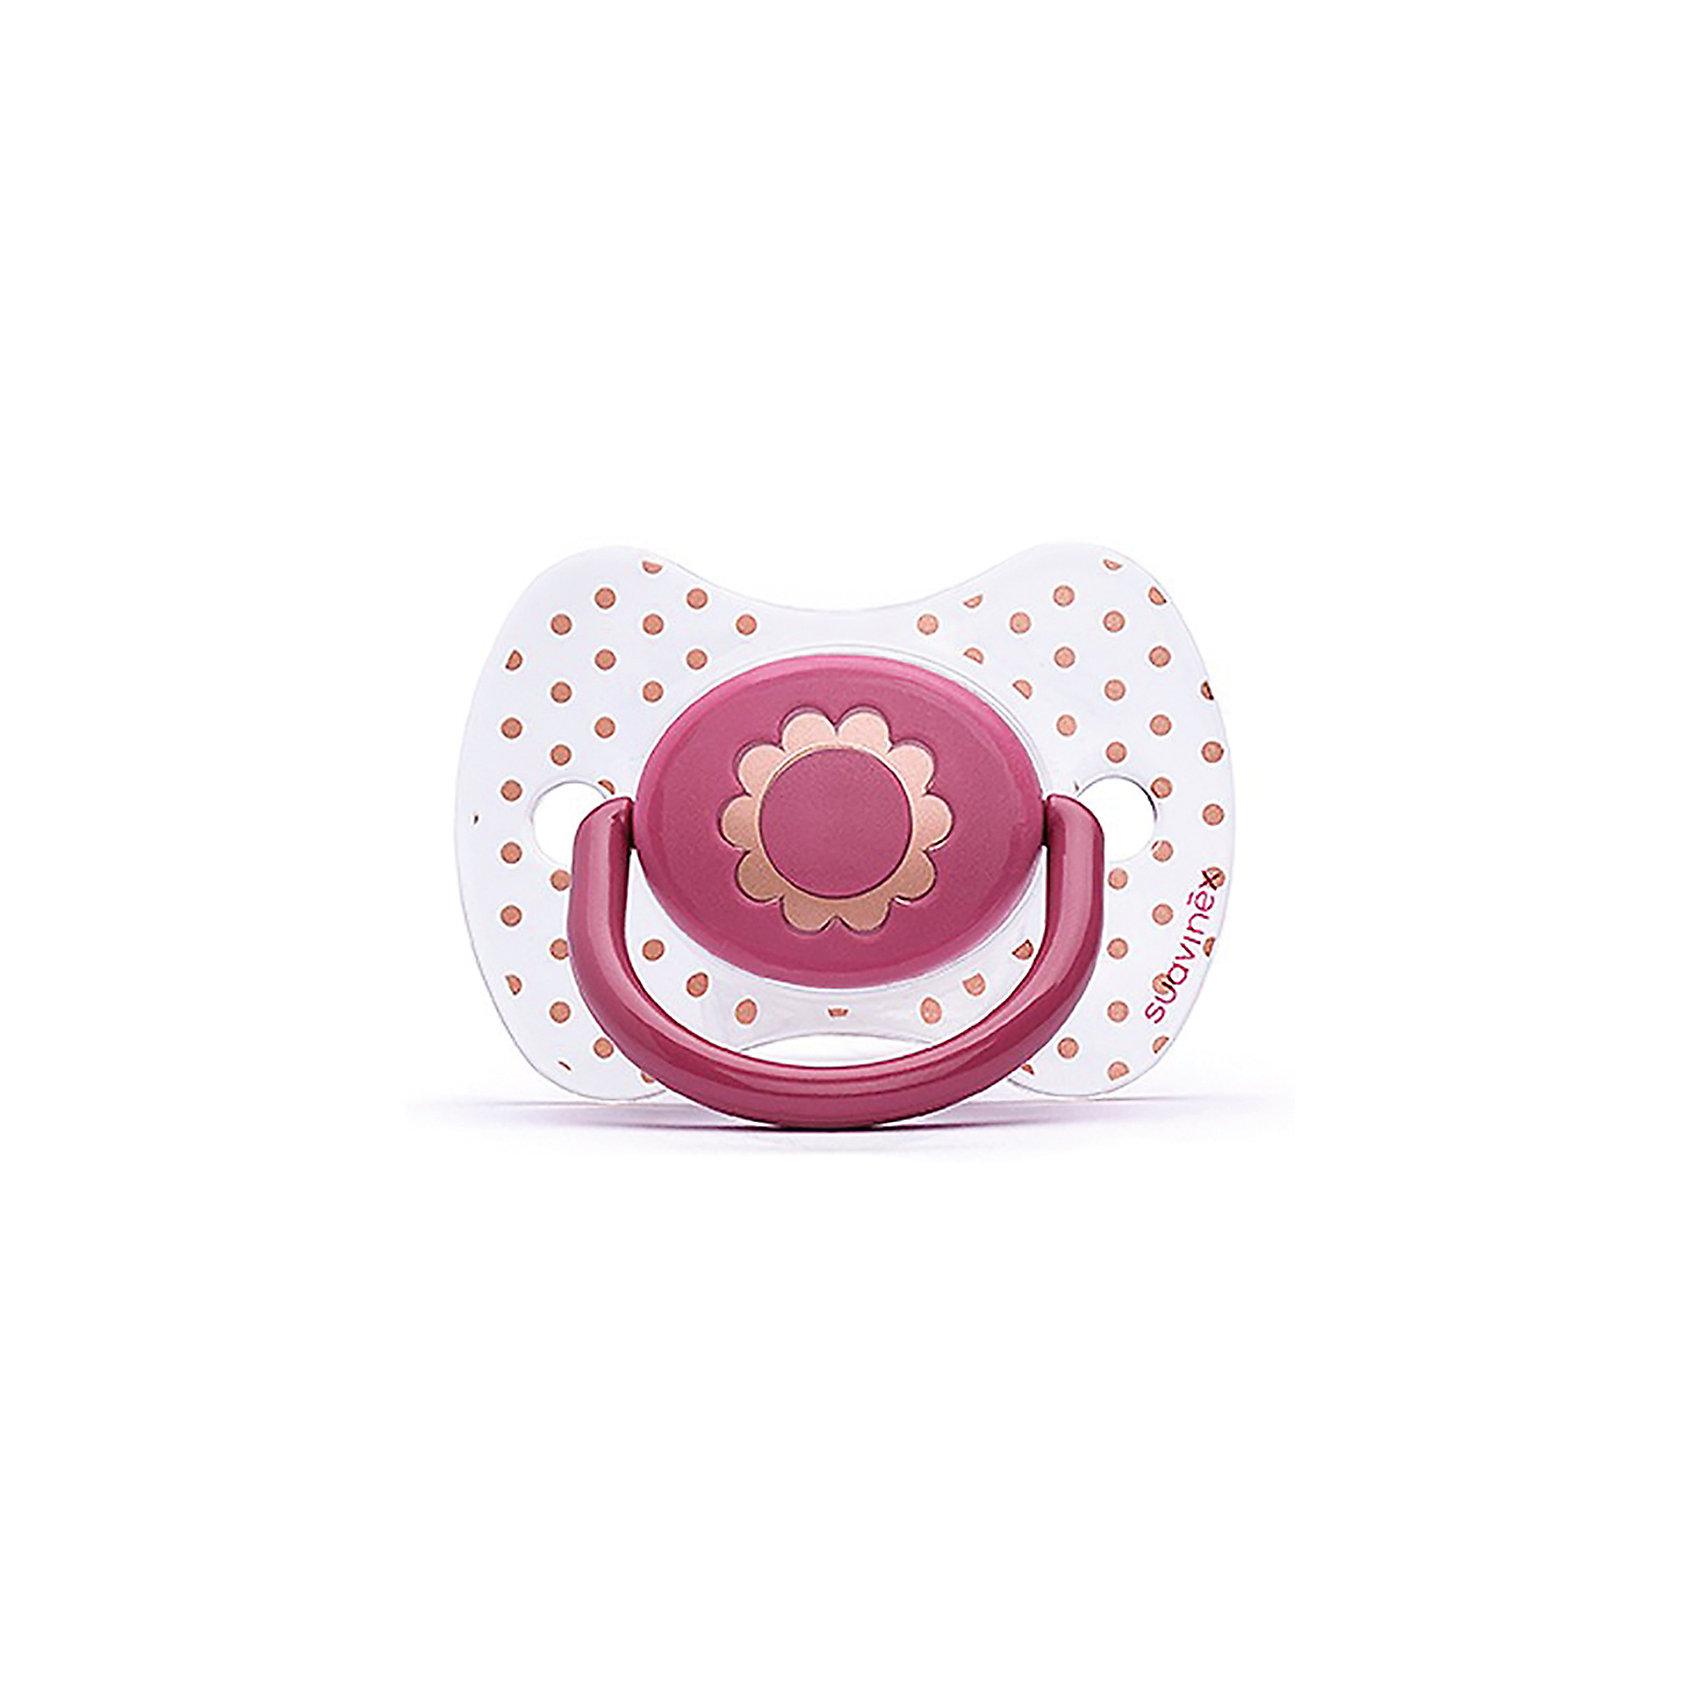 Пустышка силиконовая Haute Couture, от 12 мес, Suavinex, розовый  цветок